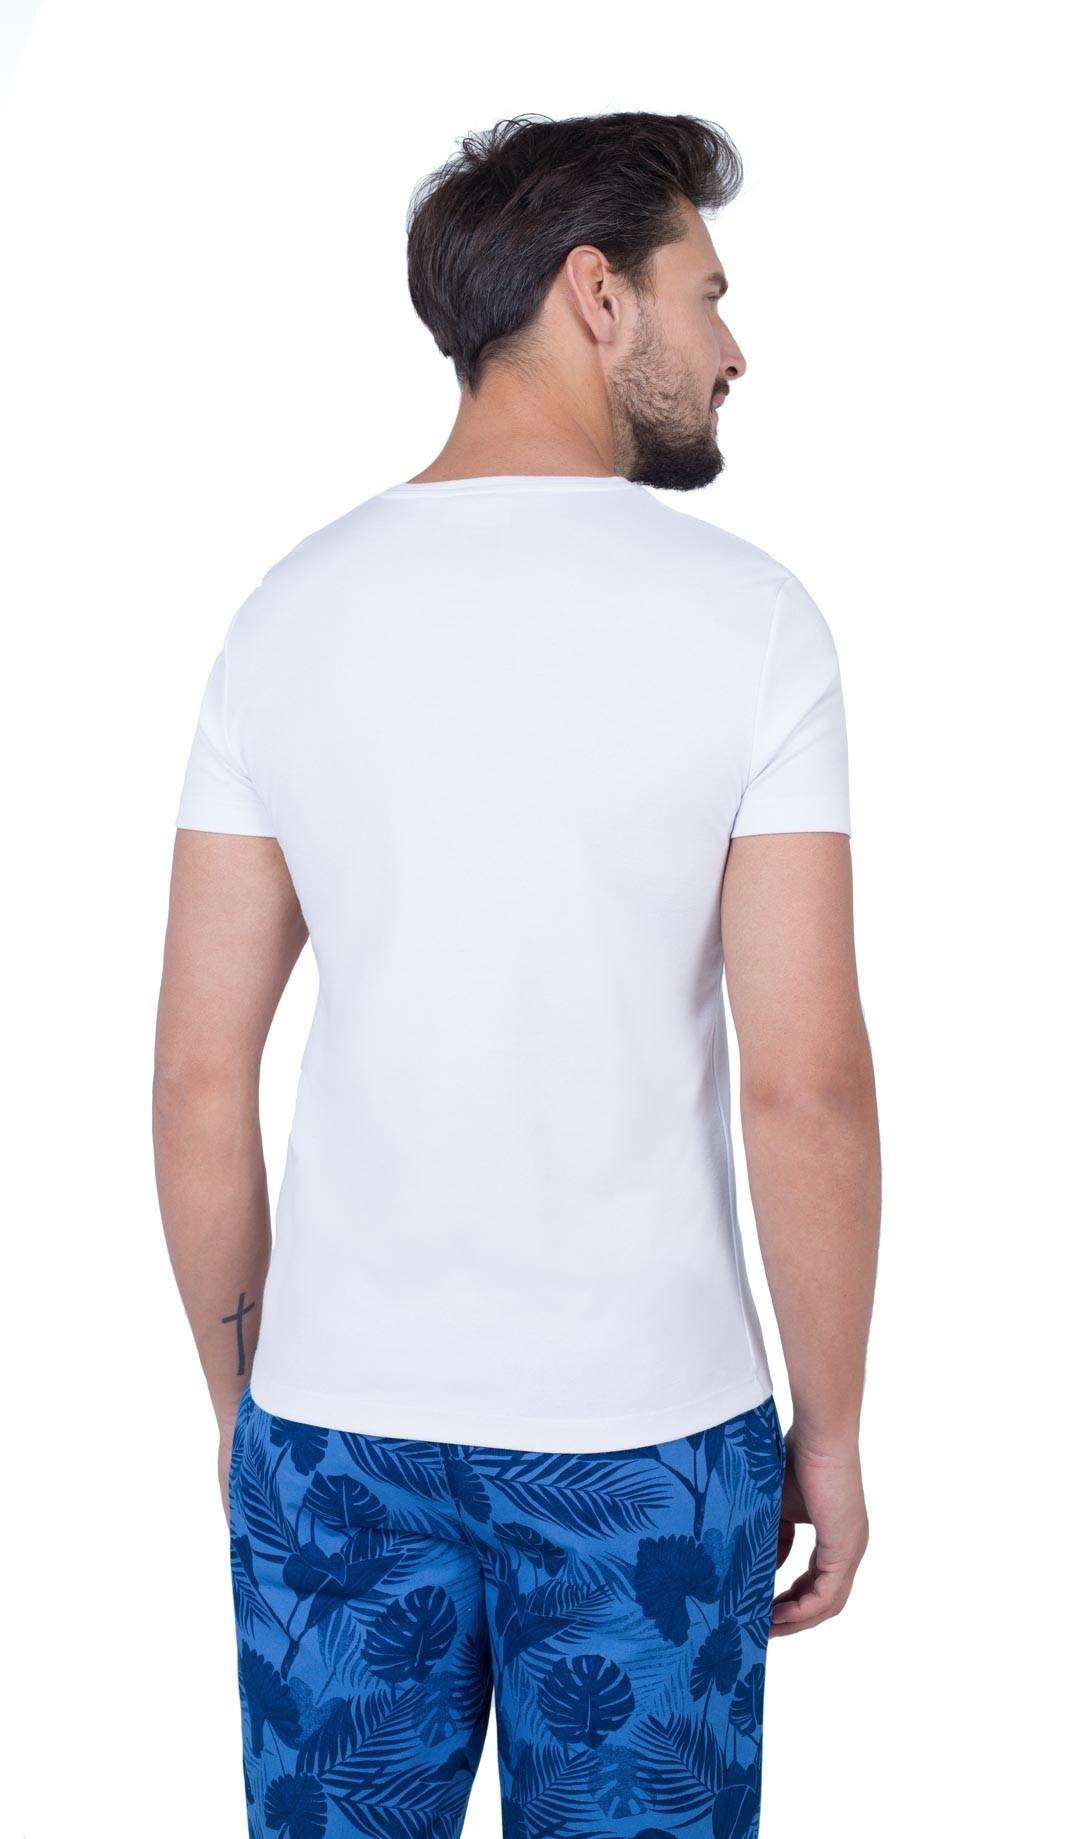 Biały tshirt męski